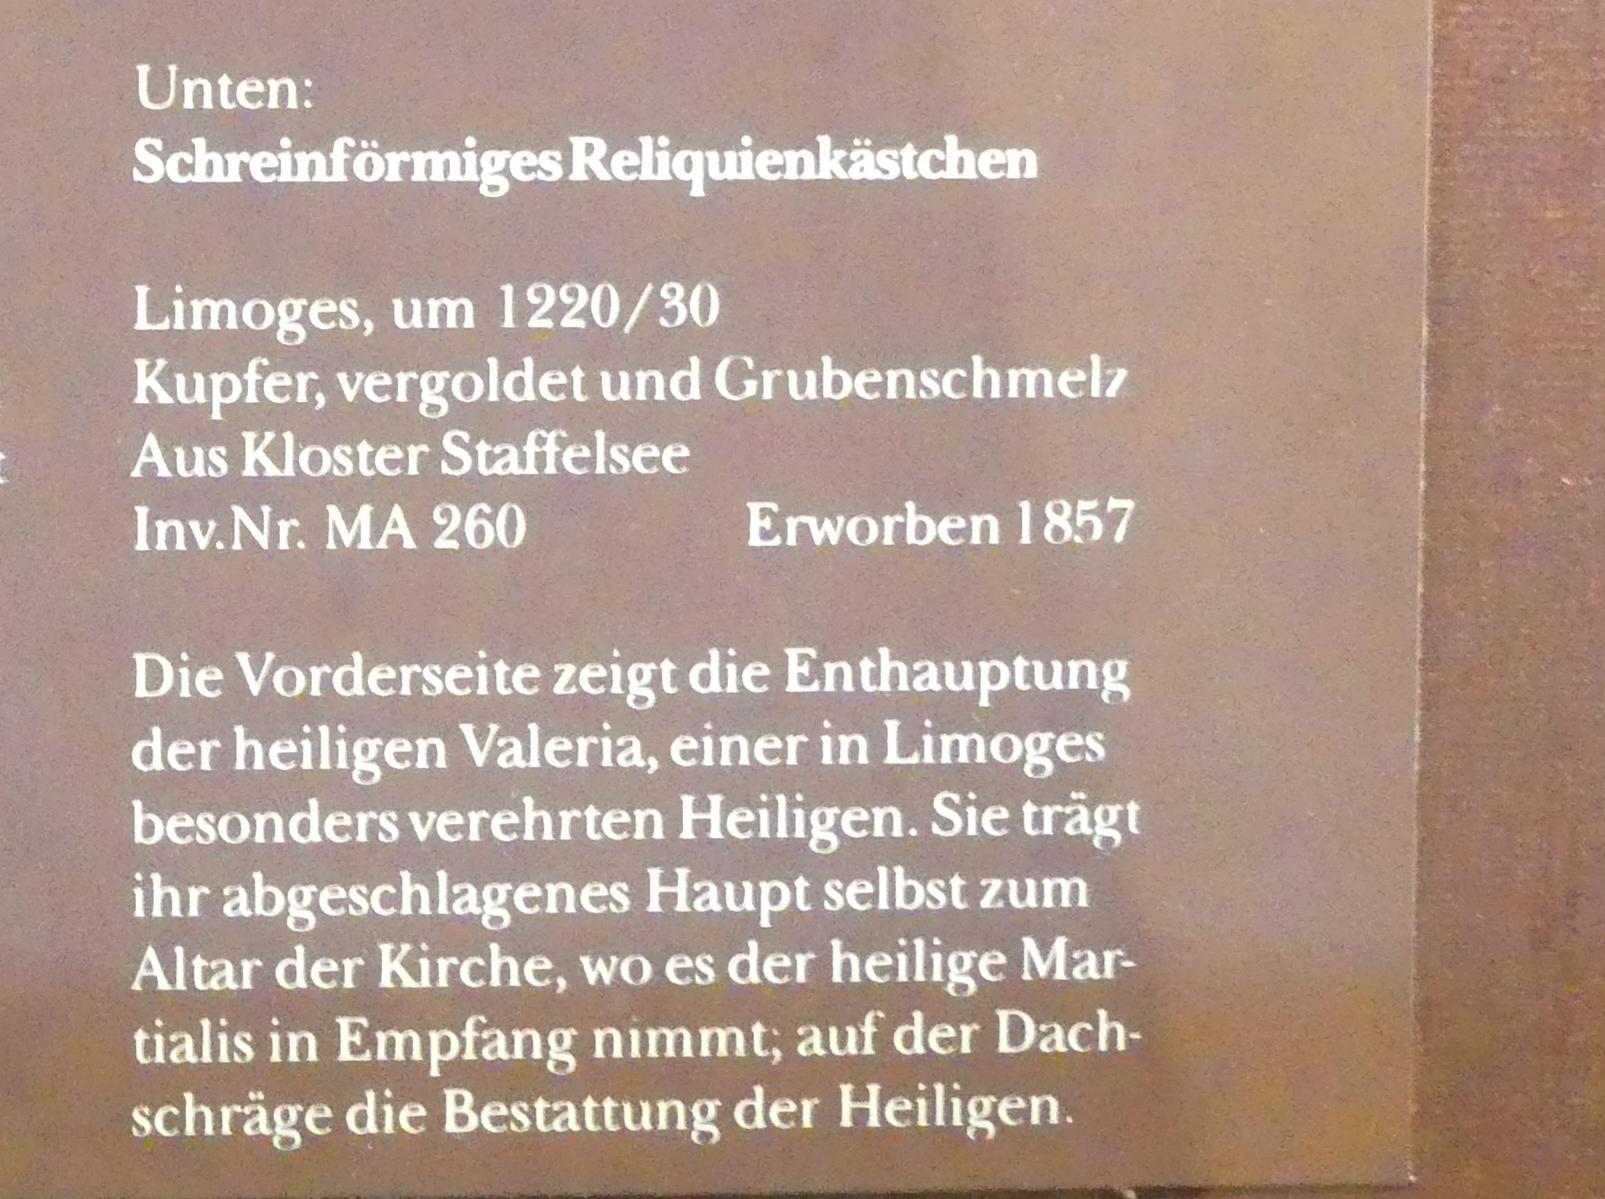 Schreinförmiges Reliquienkästchen, um 1220 - 1230, Bild 2/2